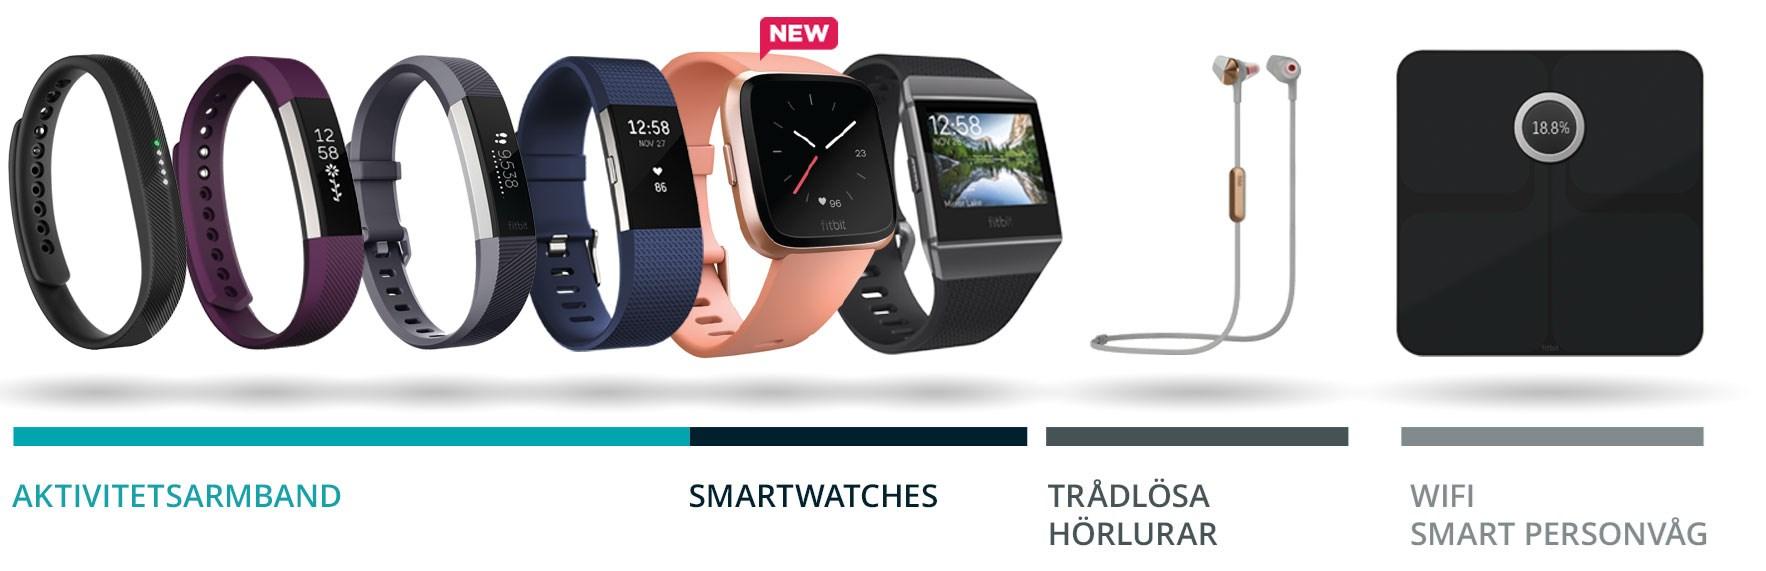 Fitbit, aktivitetsarmband, smartwatch